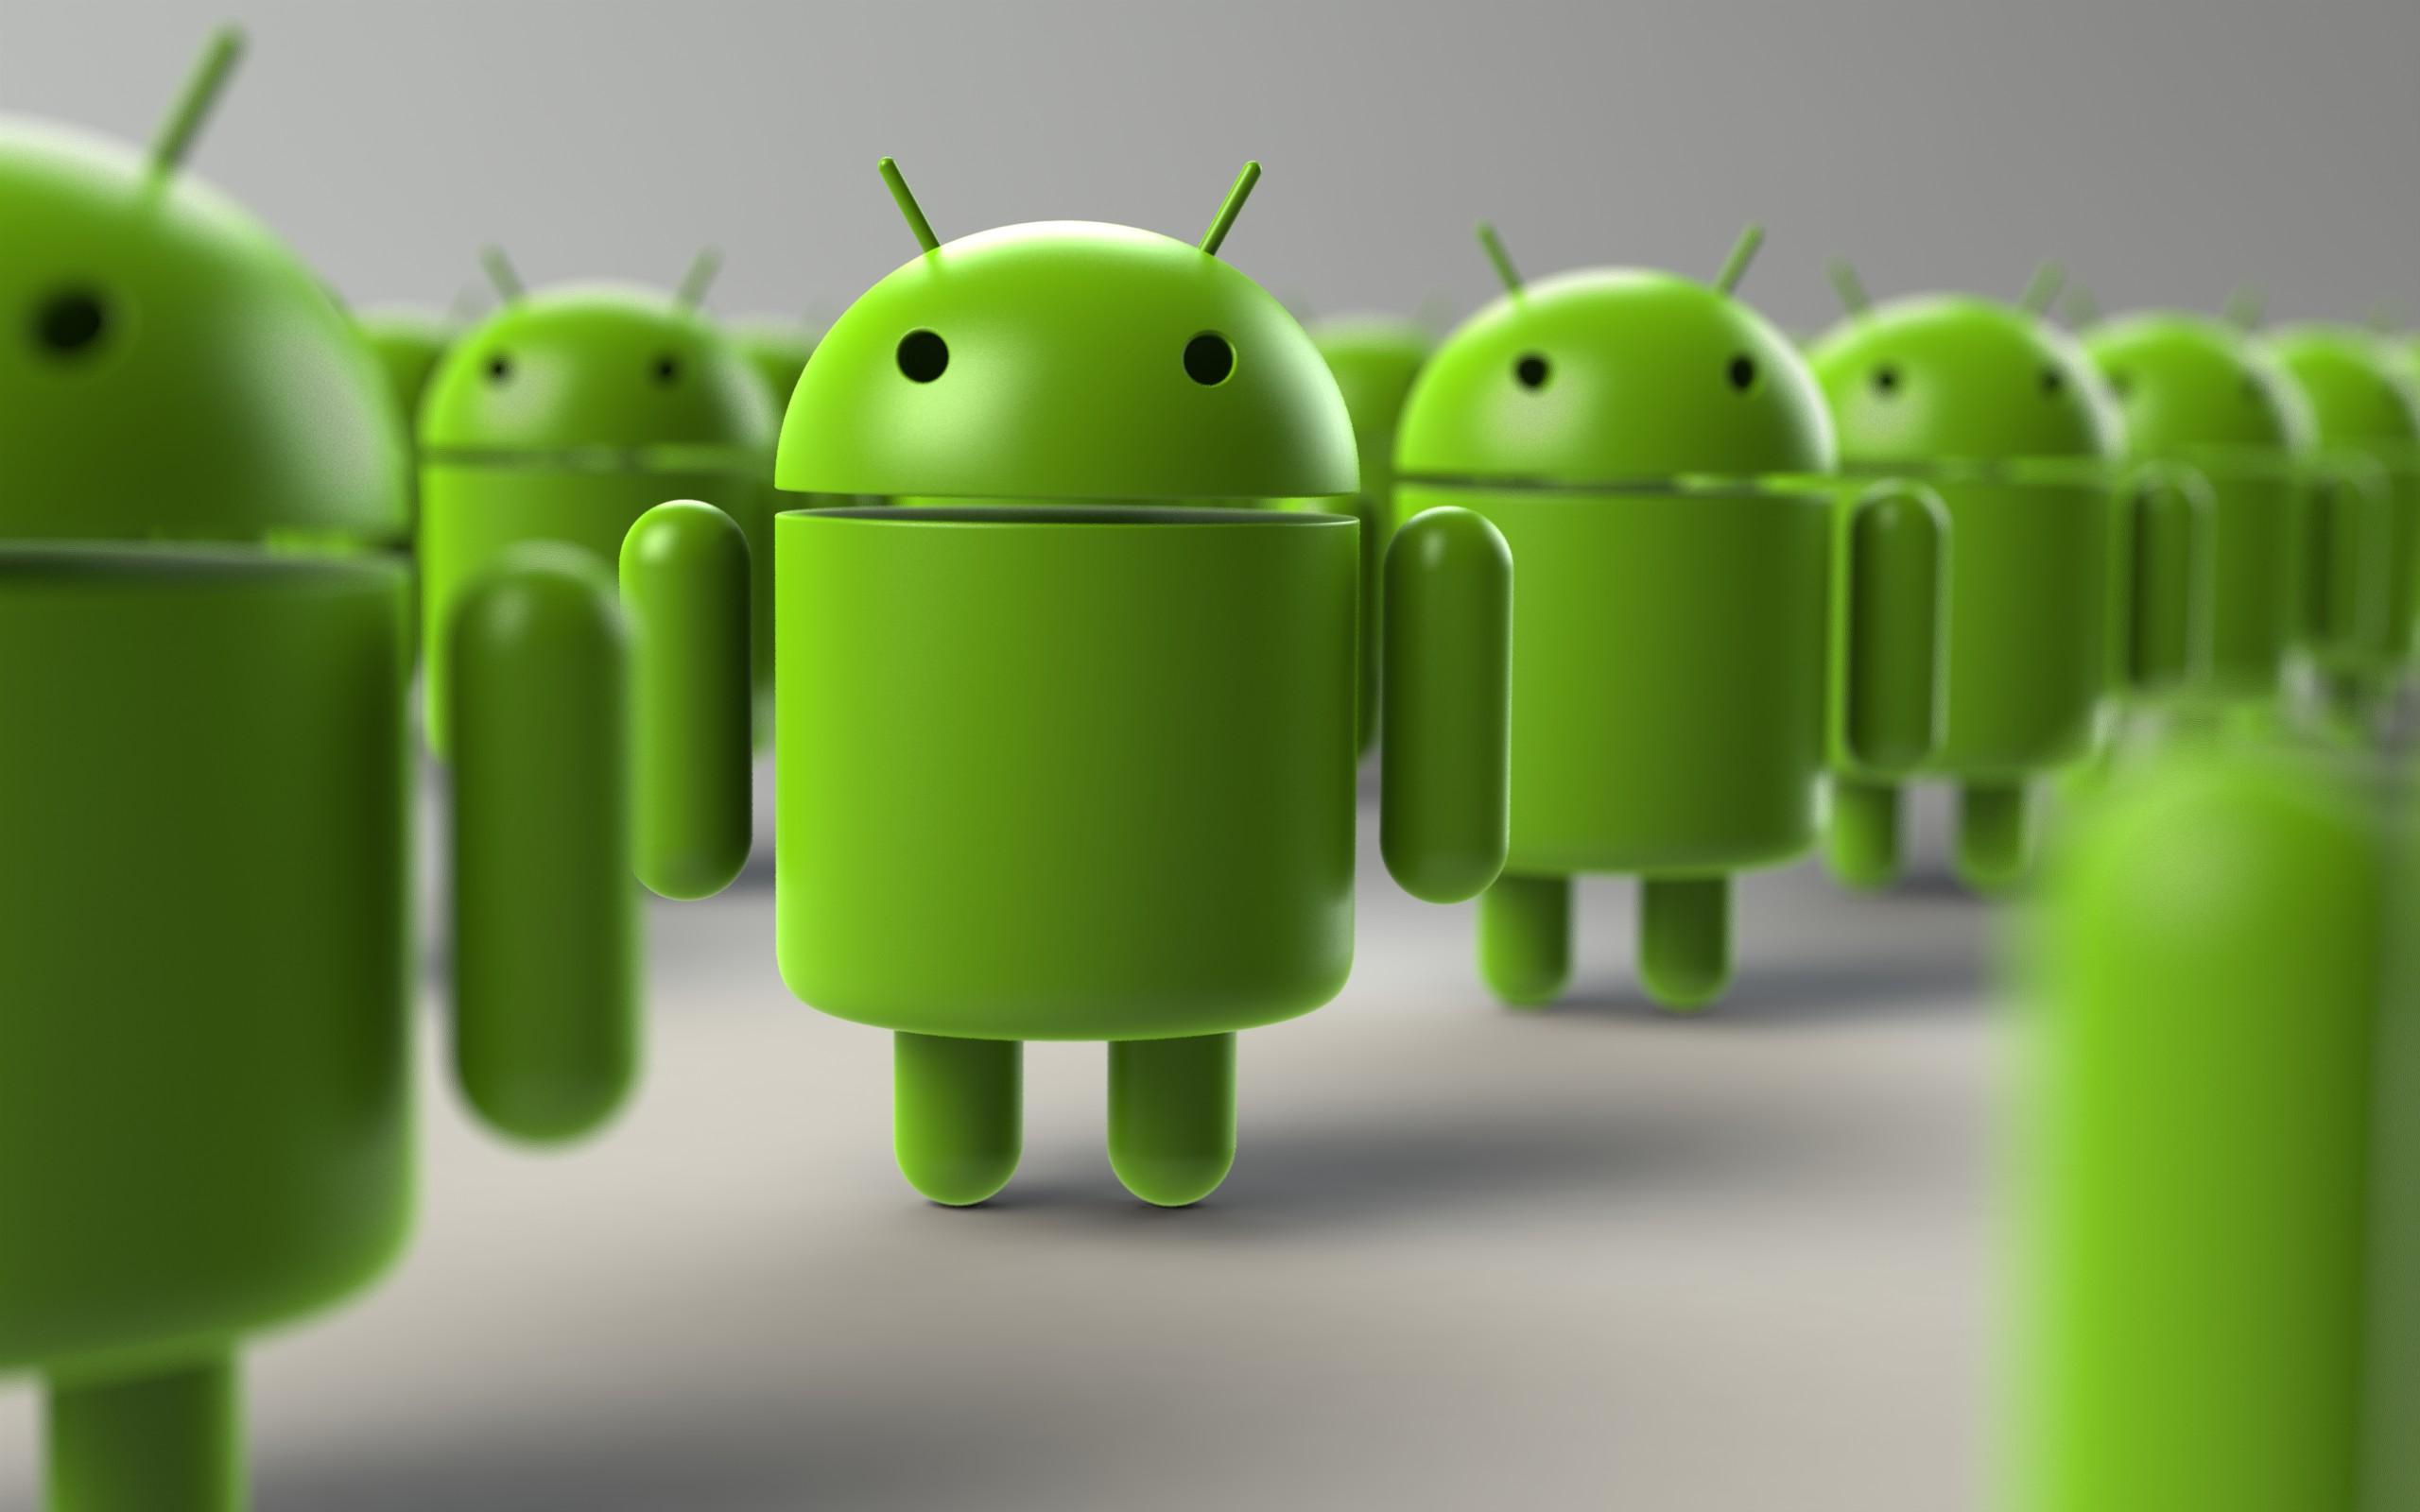 Android : KitKat se stabilise et Lollipop dépasse les 20%